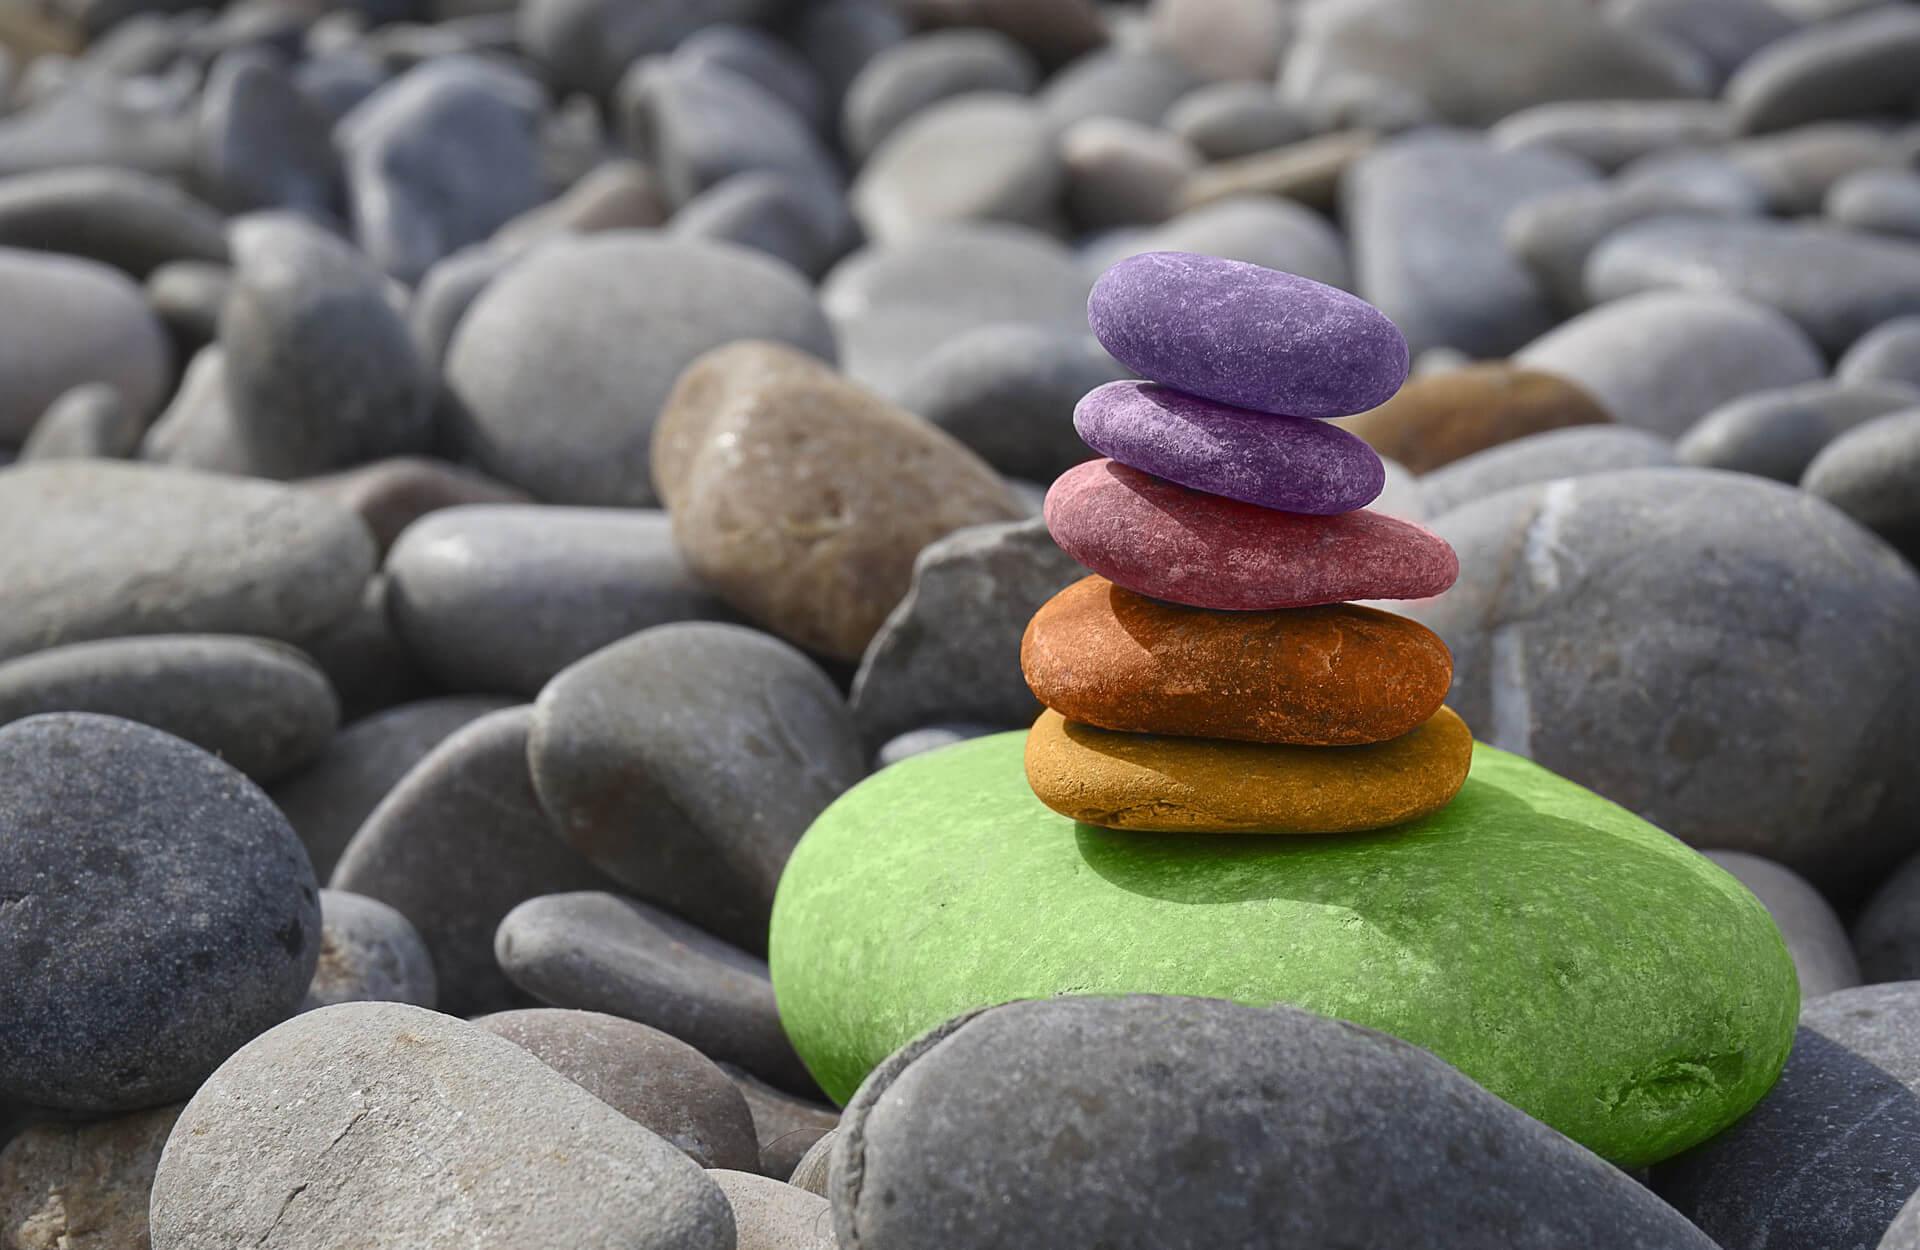 Heutzutage wird es immer wichtiger, Achtsamkeit zu praktizieren. Welche Vorteile das hat und wie ihr Achtsamkeit in euren Alltag integrieren könnt, erfahrt ihr in diesem Artikel.